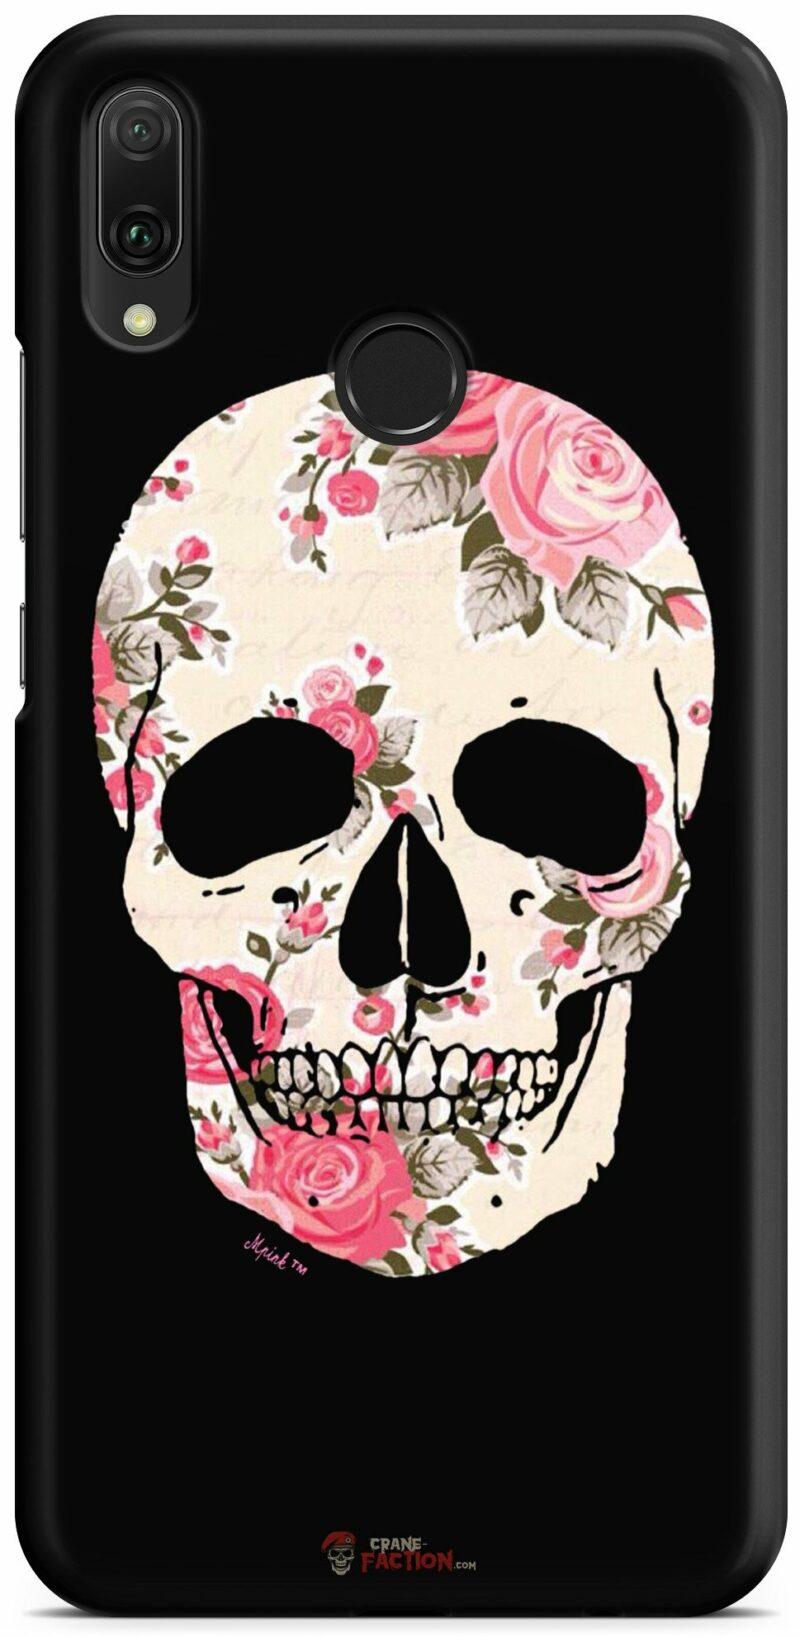 Smiling Skull Case